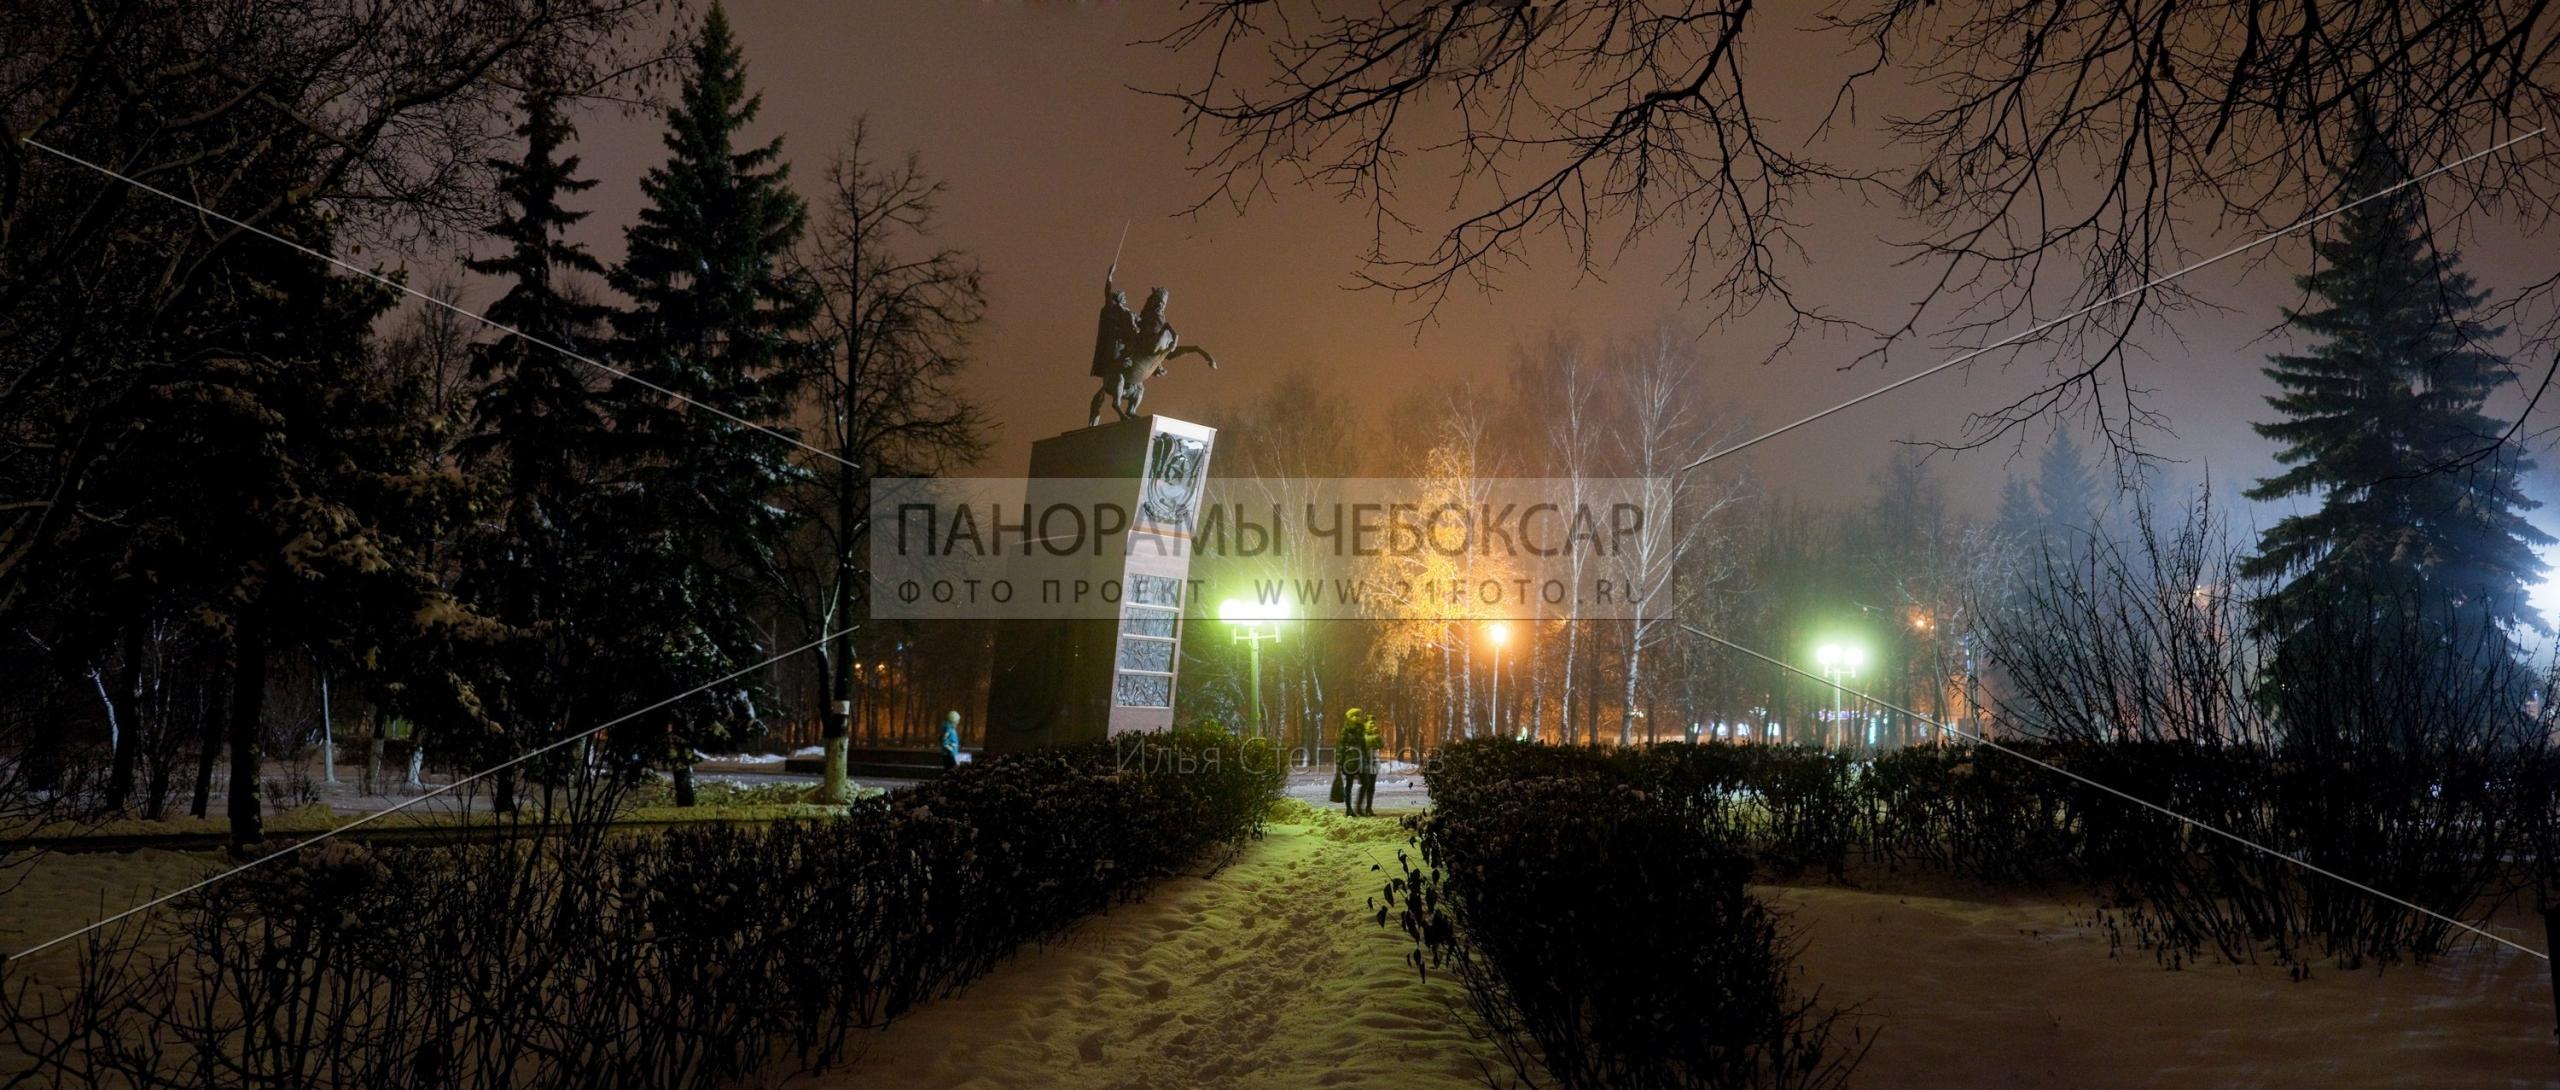 Памятник Чапаеву — Илья Степанов — Чебоксары